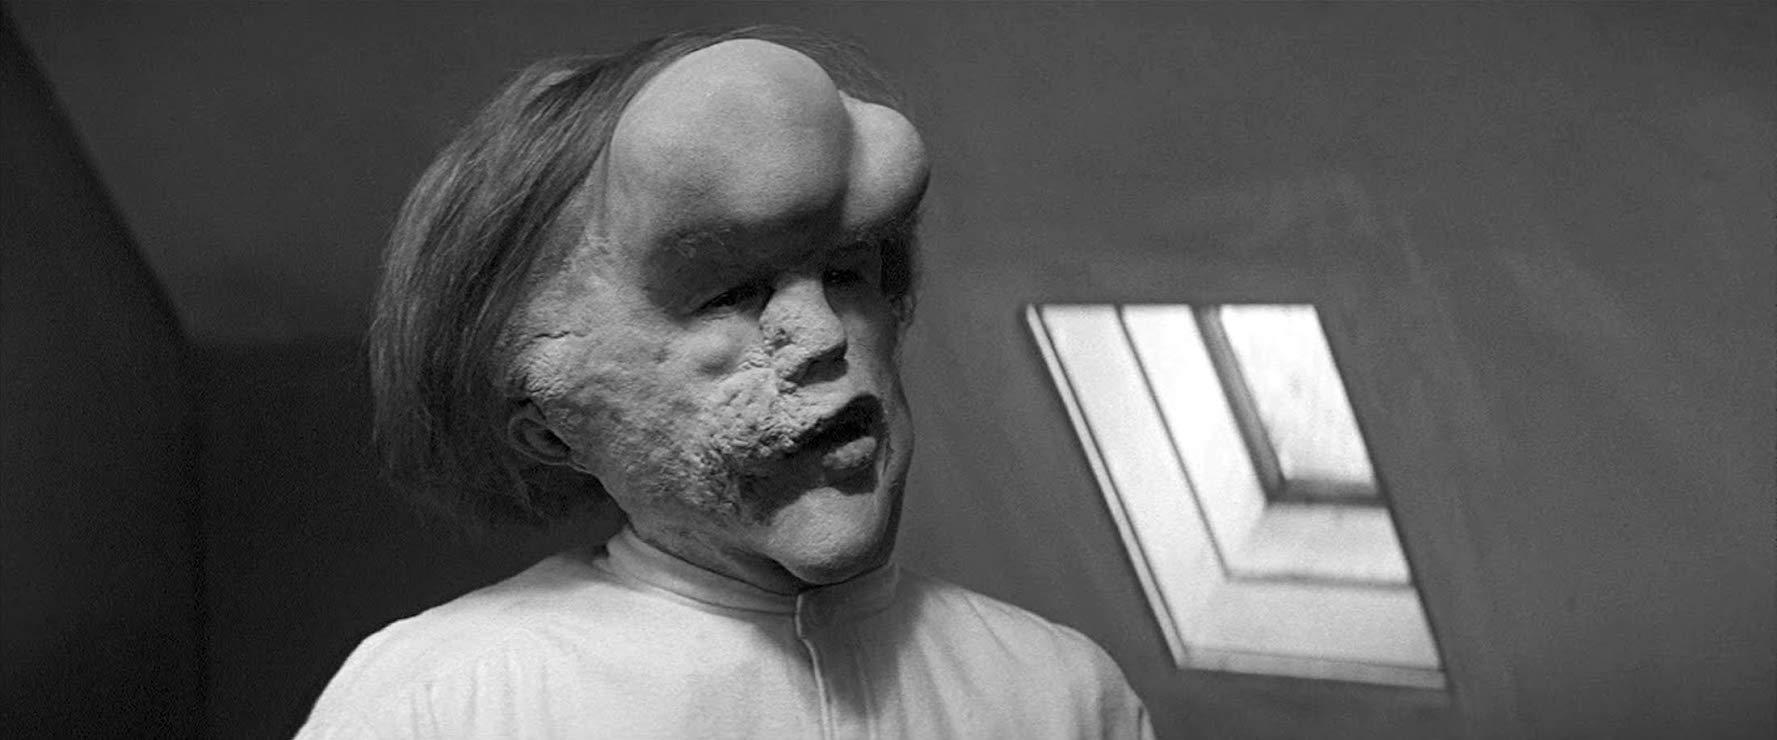 """W filmie """"Człowiek Słoń"""" (1980) tytułowego bohatera zagrał:"""